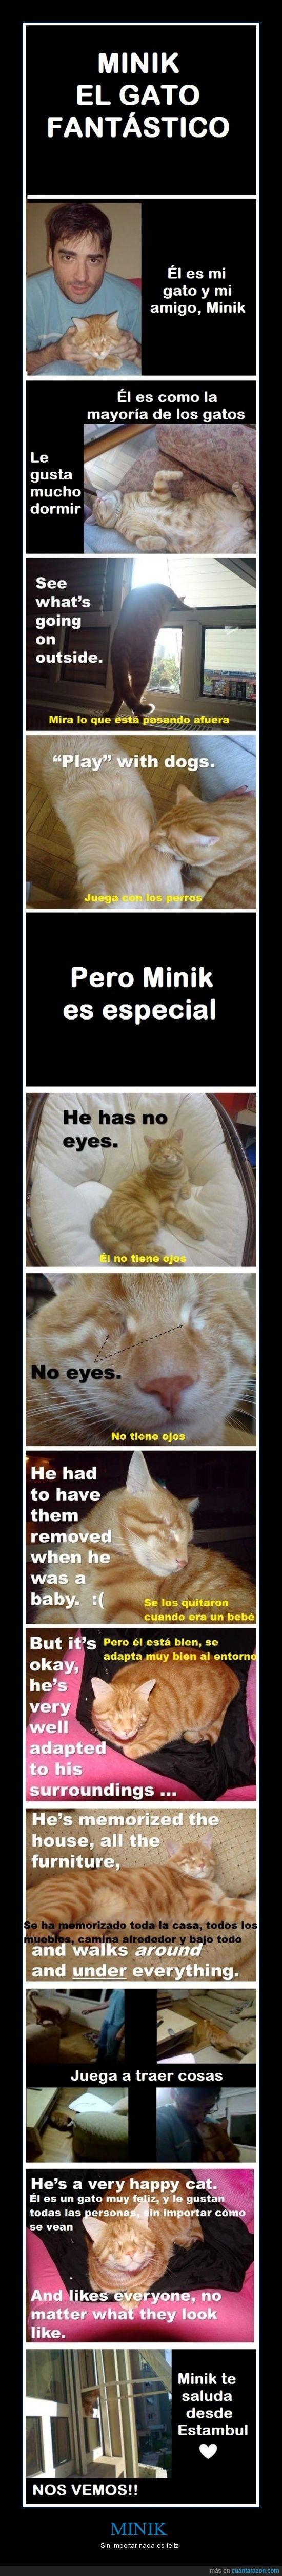 bien por el dueño que la cuida,ciego,fuerte,Malditos quienes le quitaron los ojos,Minik,un gato